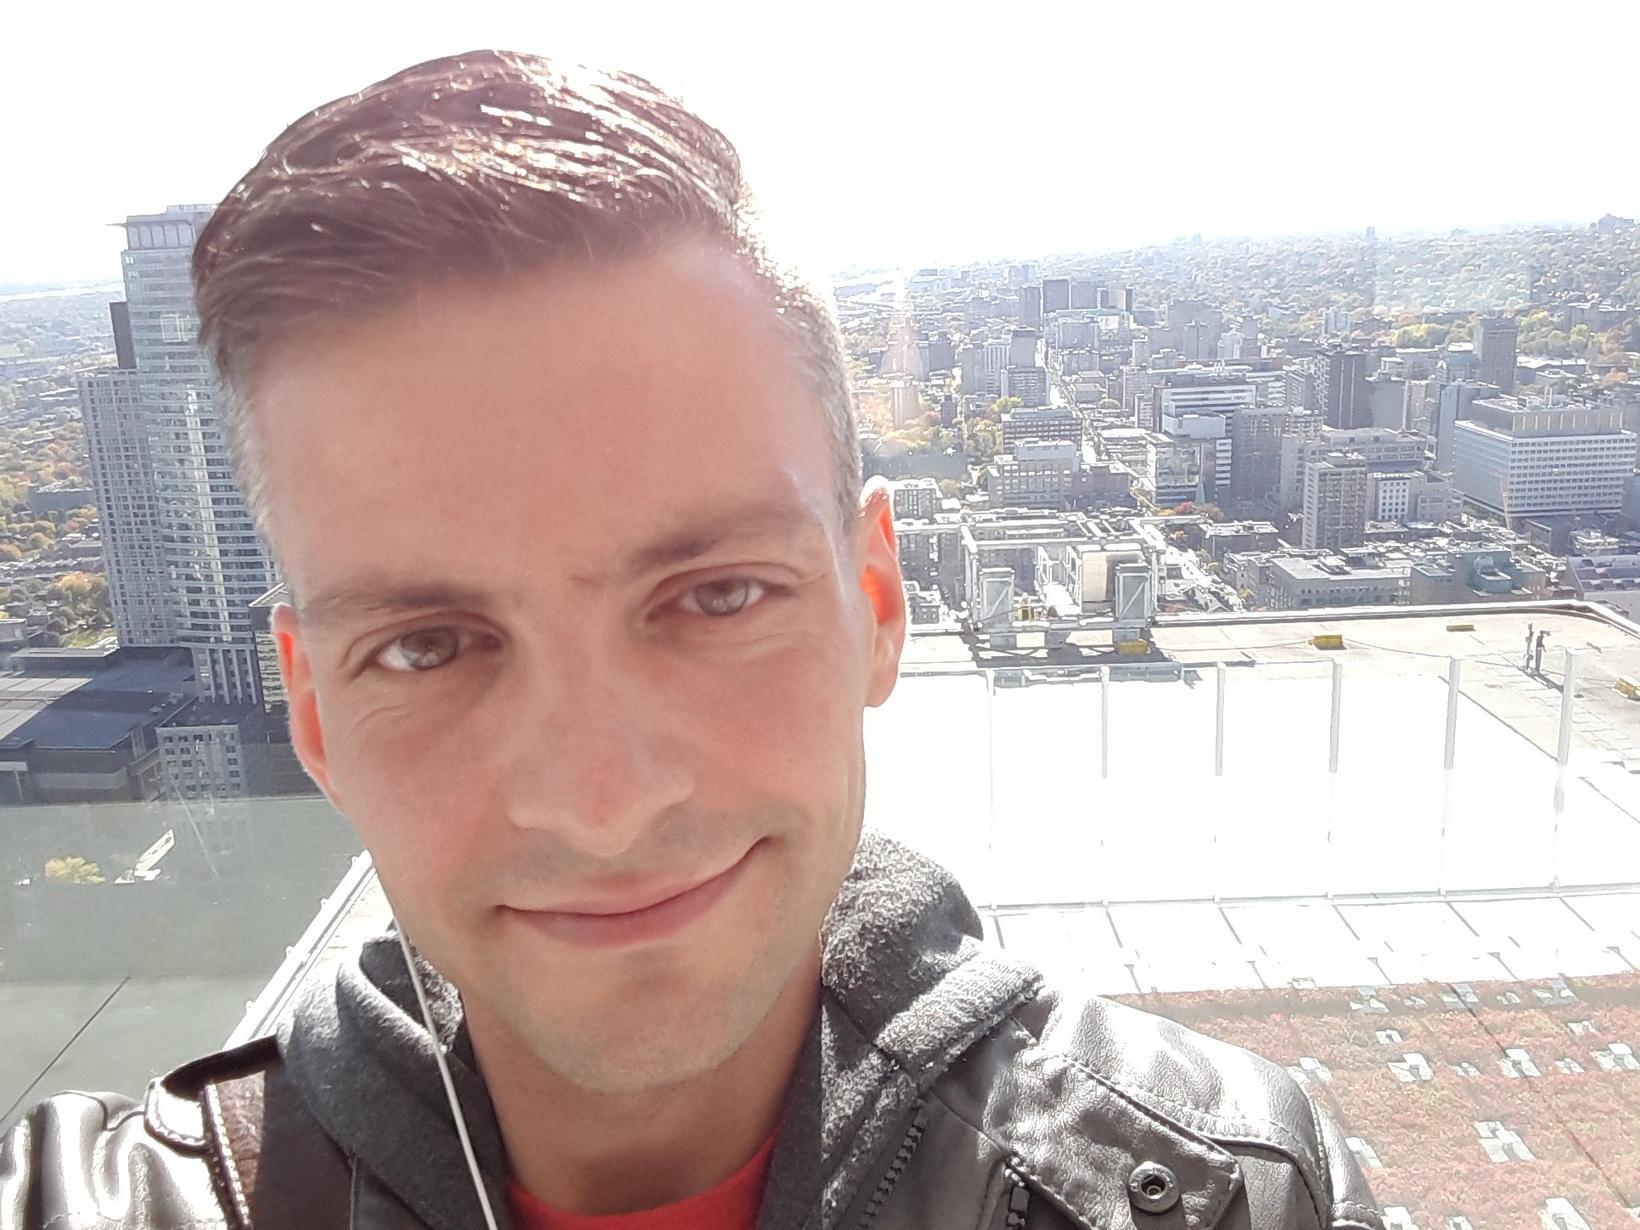 Benjamin from Montréal, Quebec, Canada